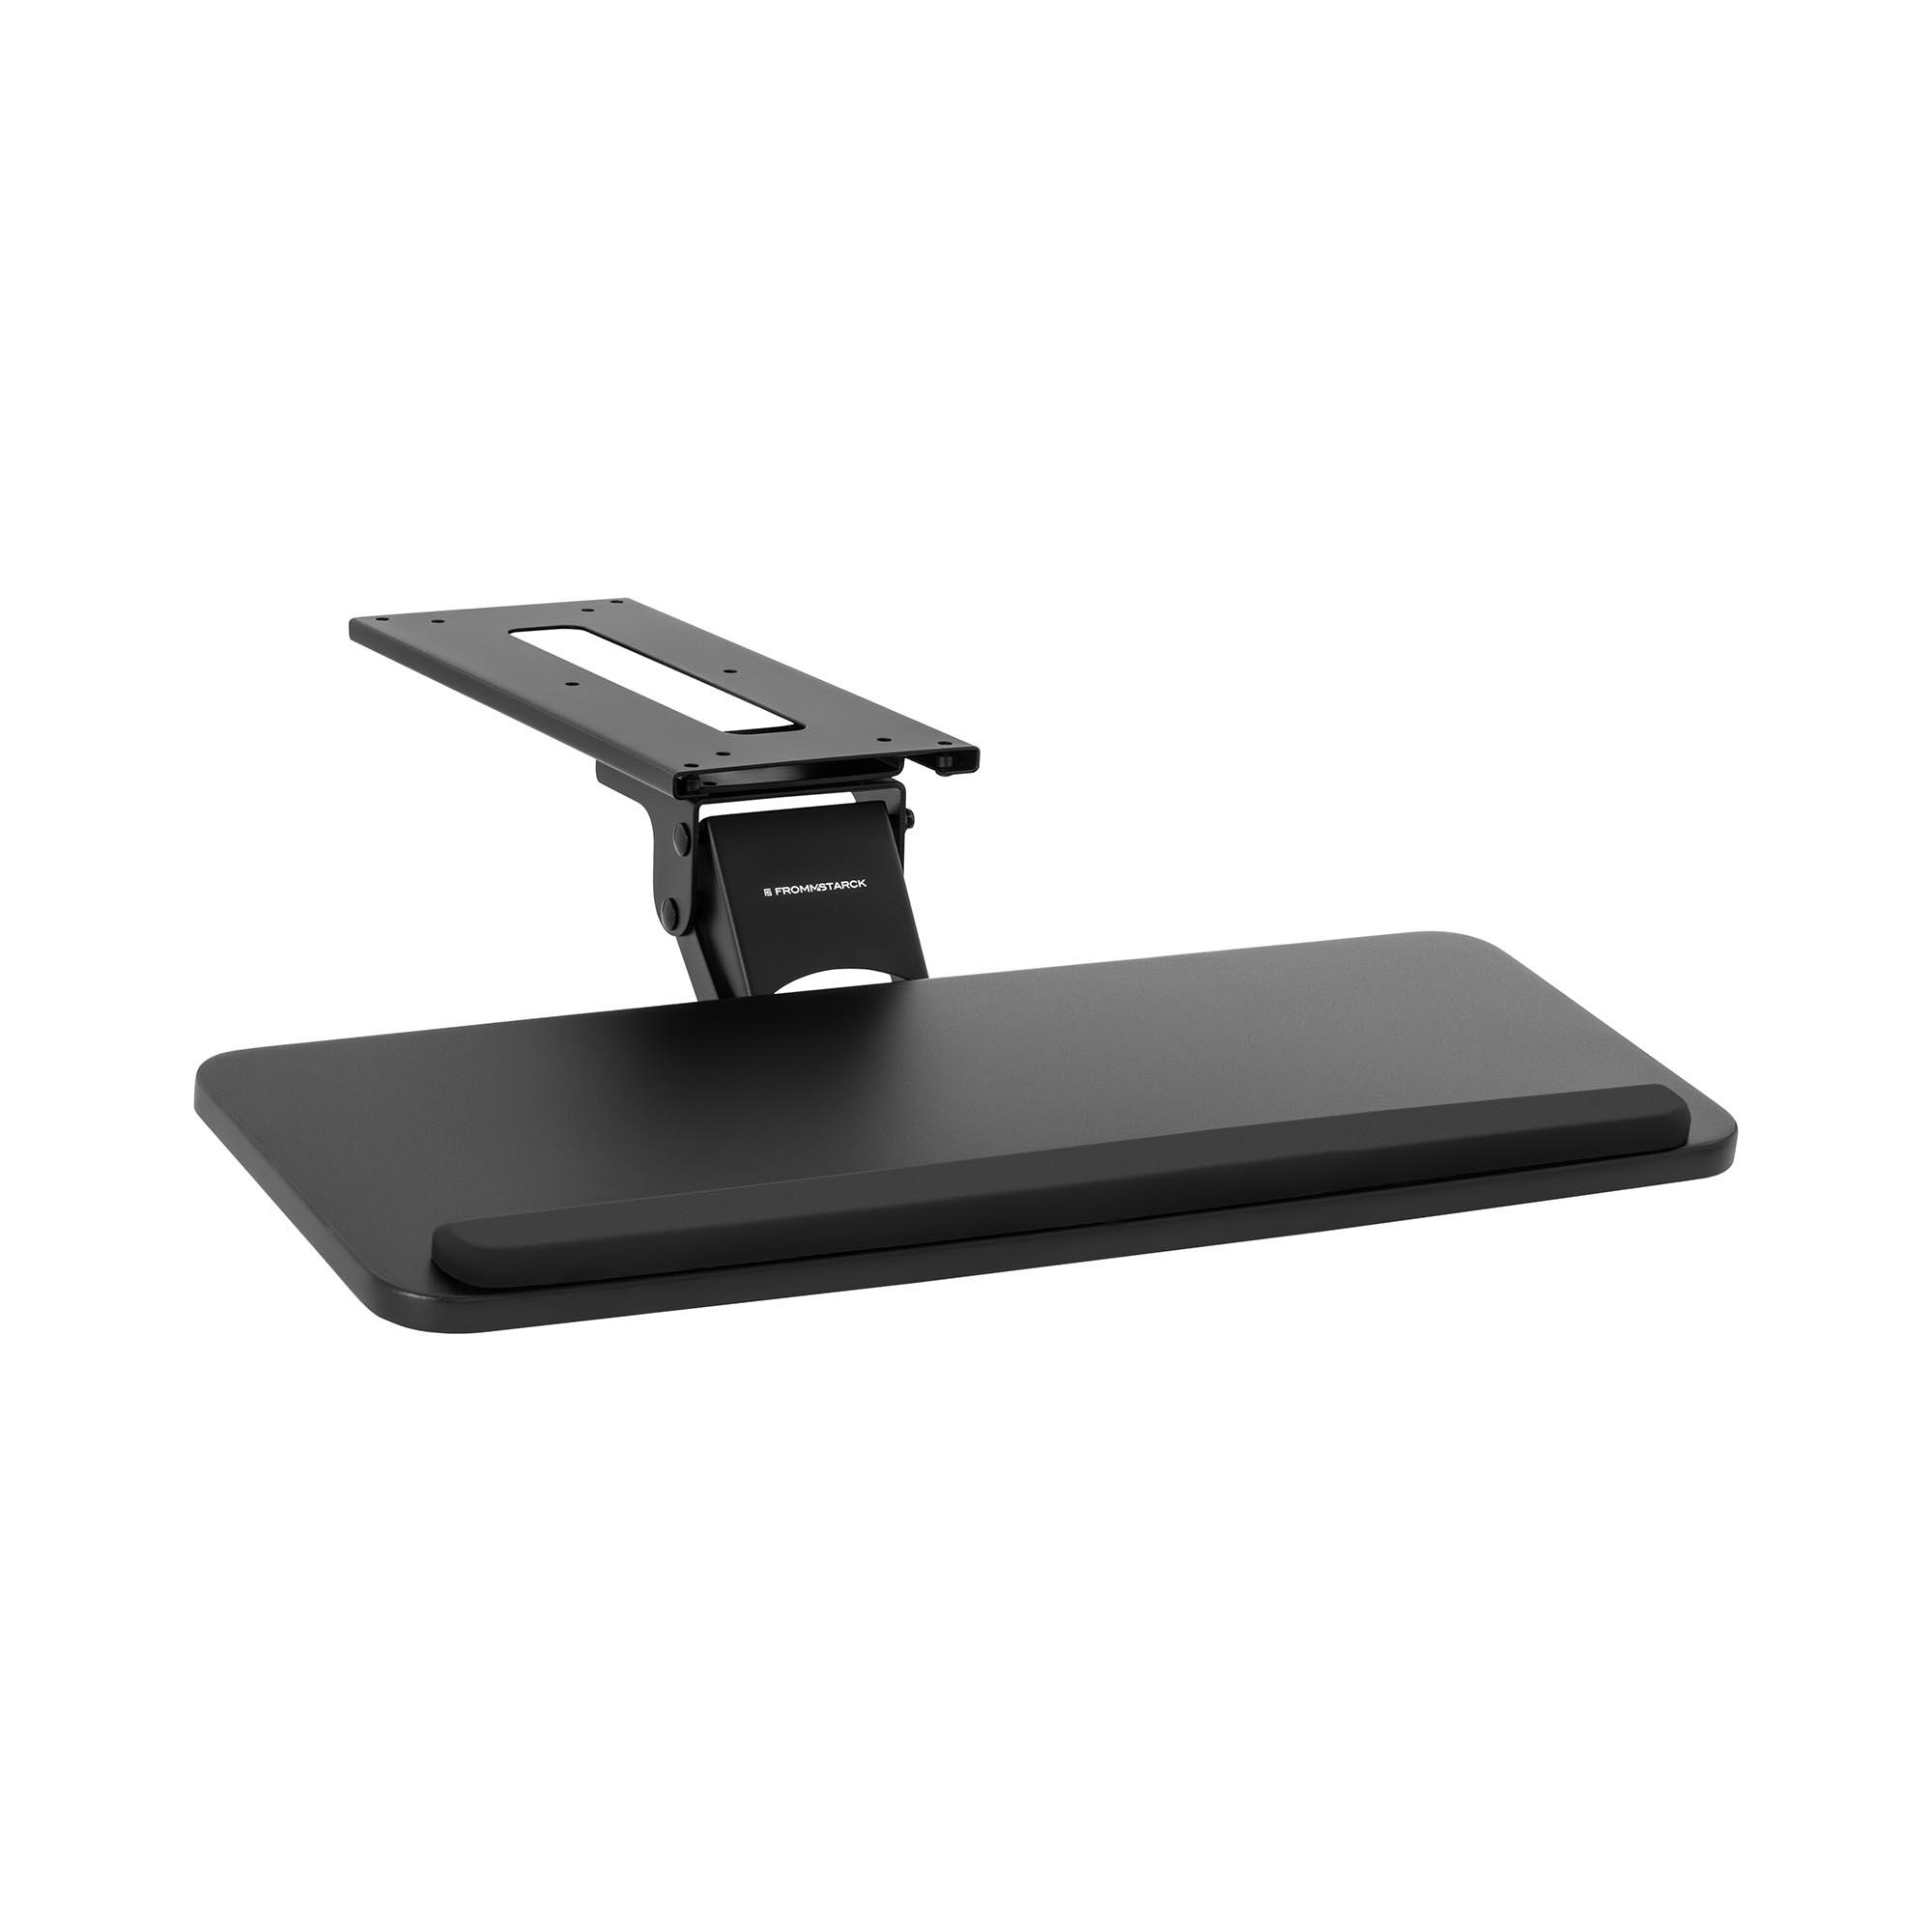 Fromm & Starck Tastaturhalterung - ausziehbar - 63,5 x 24,6 cm STAR_KT_01